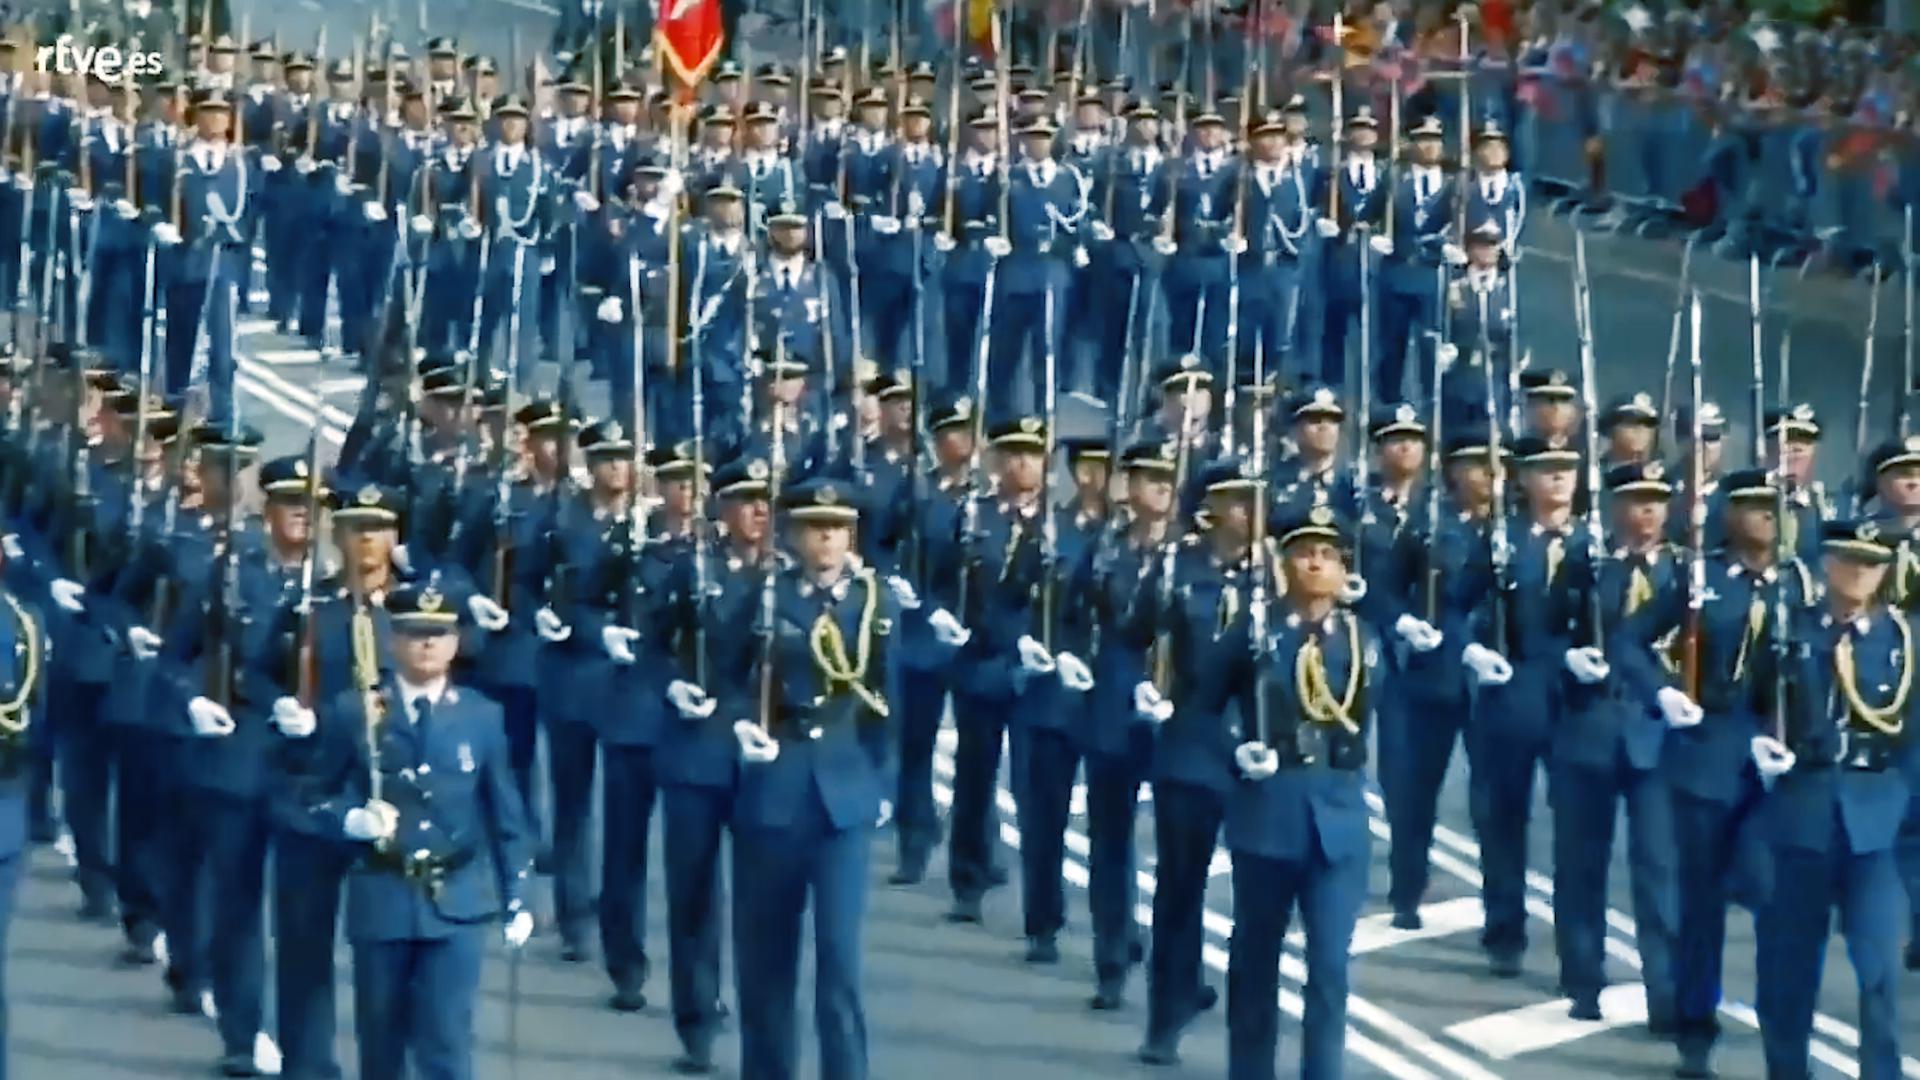 西班牙2019国庆日阅兵,徒步方队接受检阅全过程!